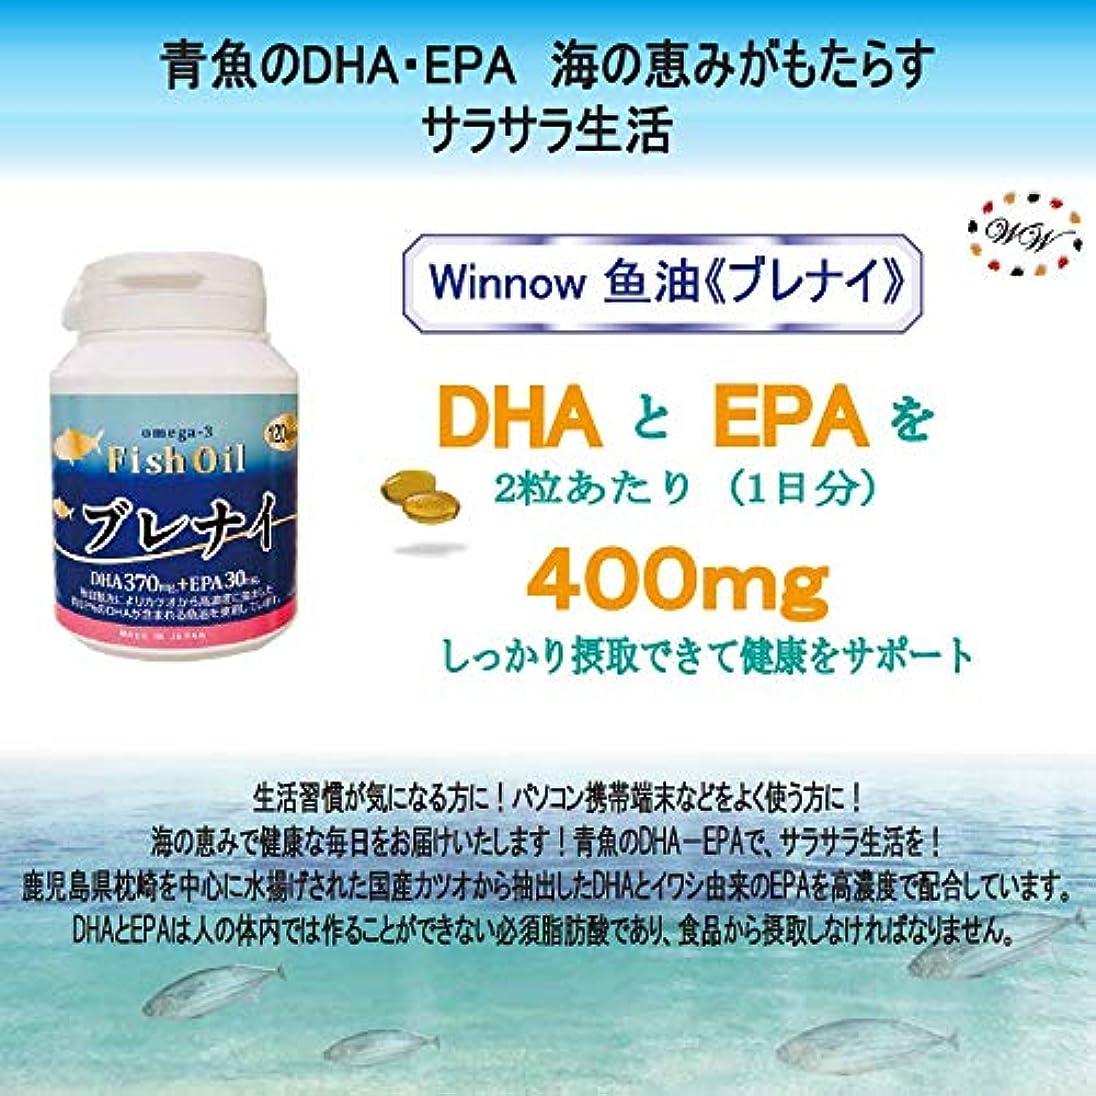 トラクターキャンププラットフォームWinnow魚油<ブレナイ> オメガ3脂肪酸 Omega3 Fish oil 日本産高濃度DHA、EPA / 120粒入り